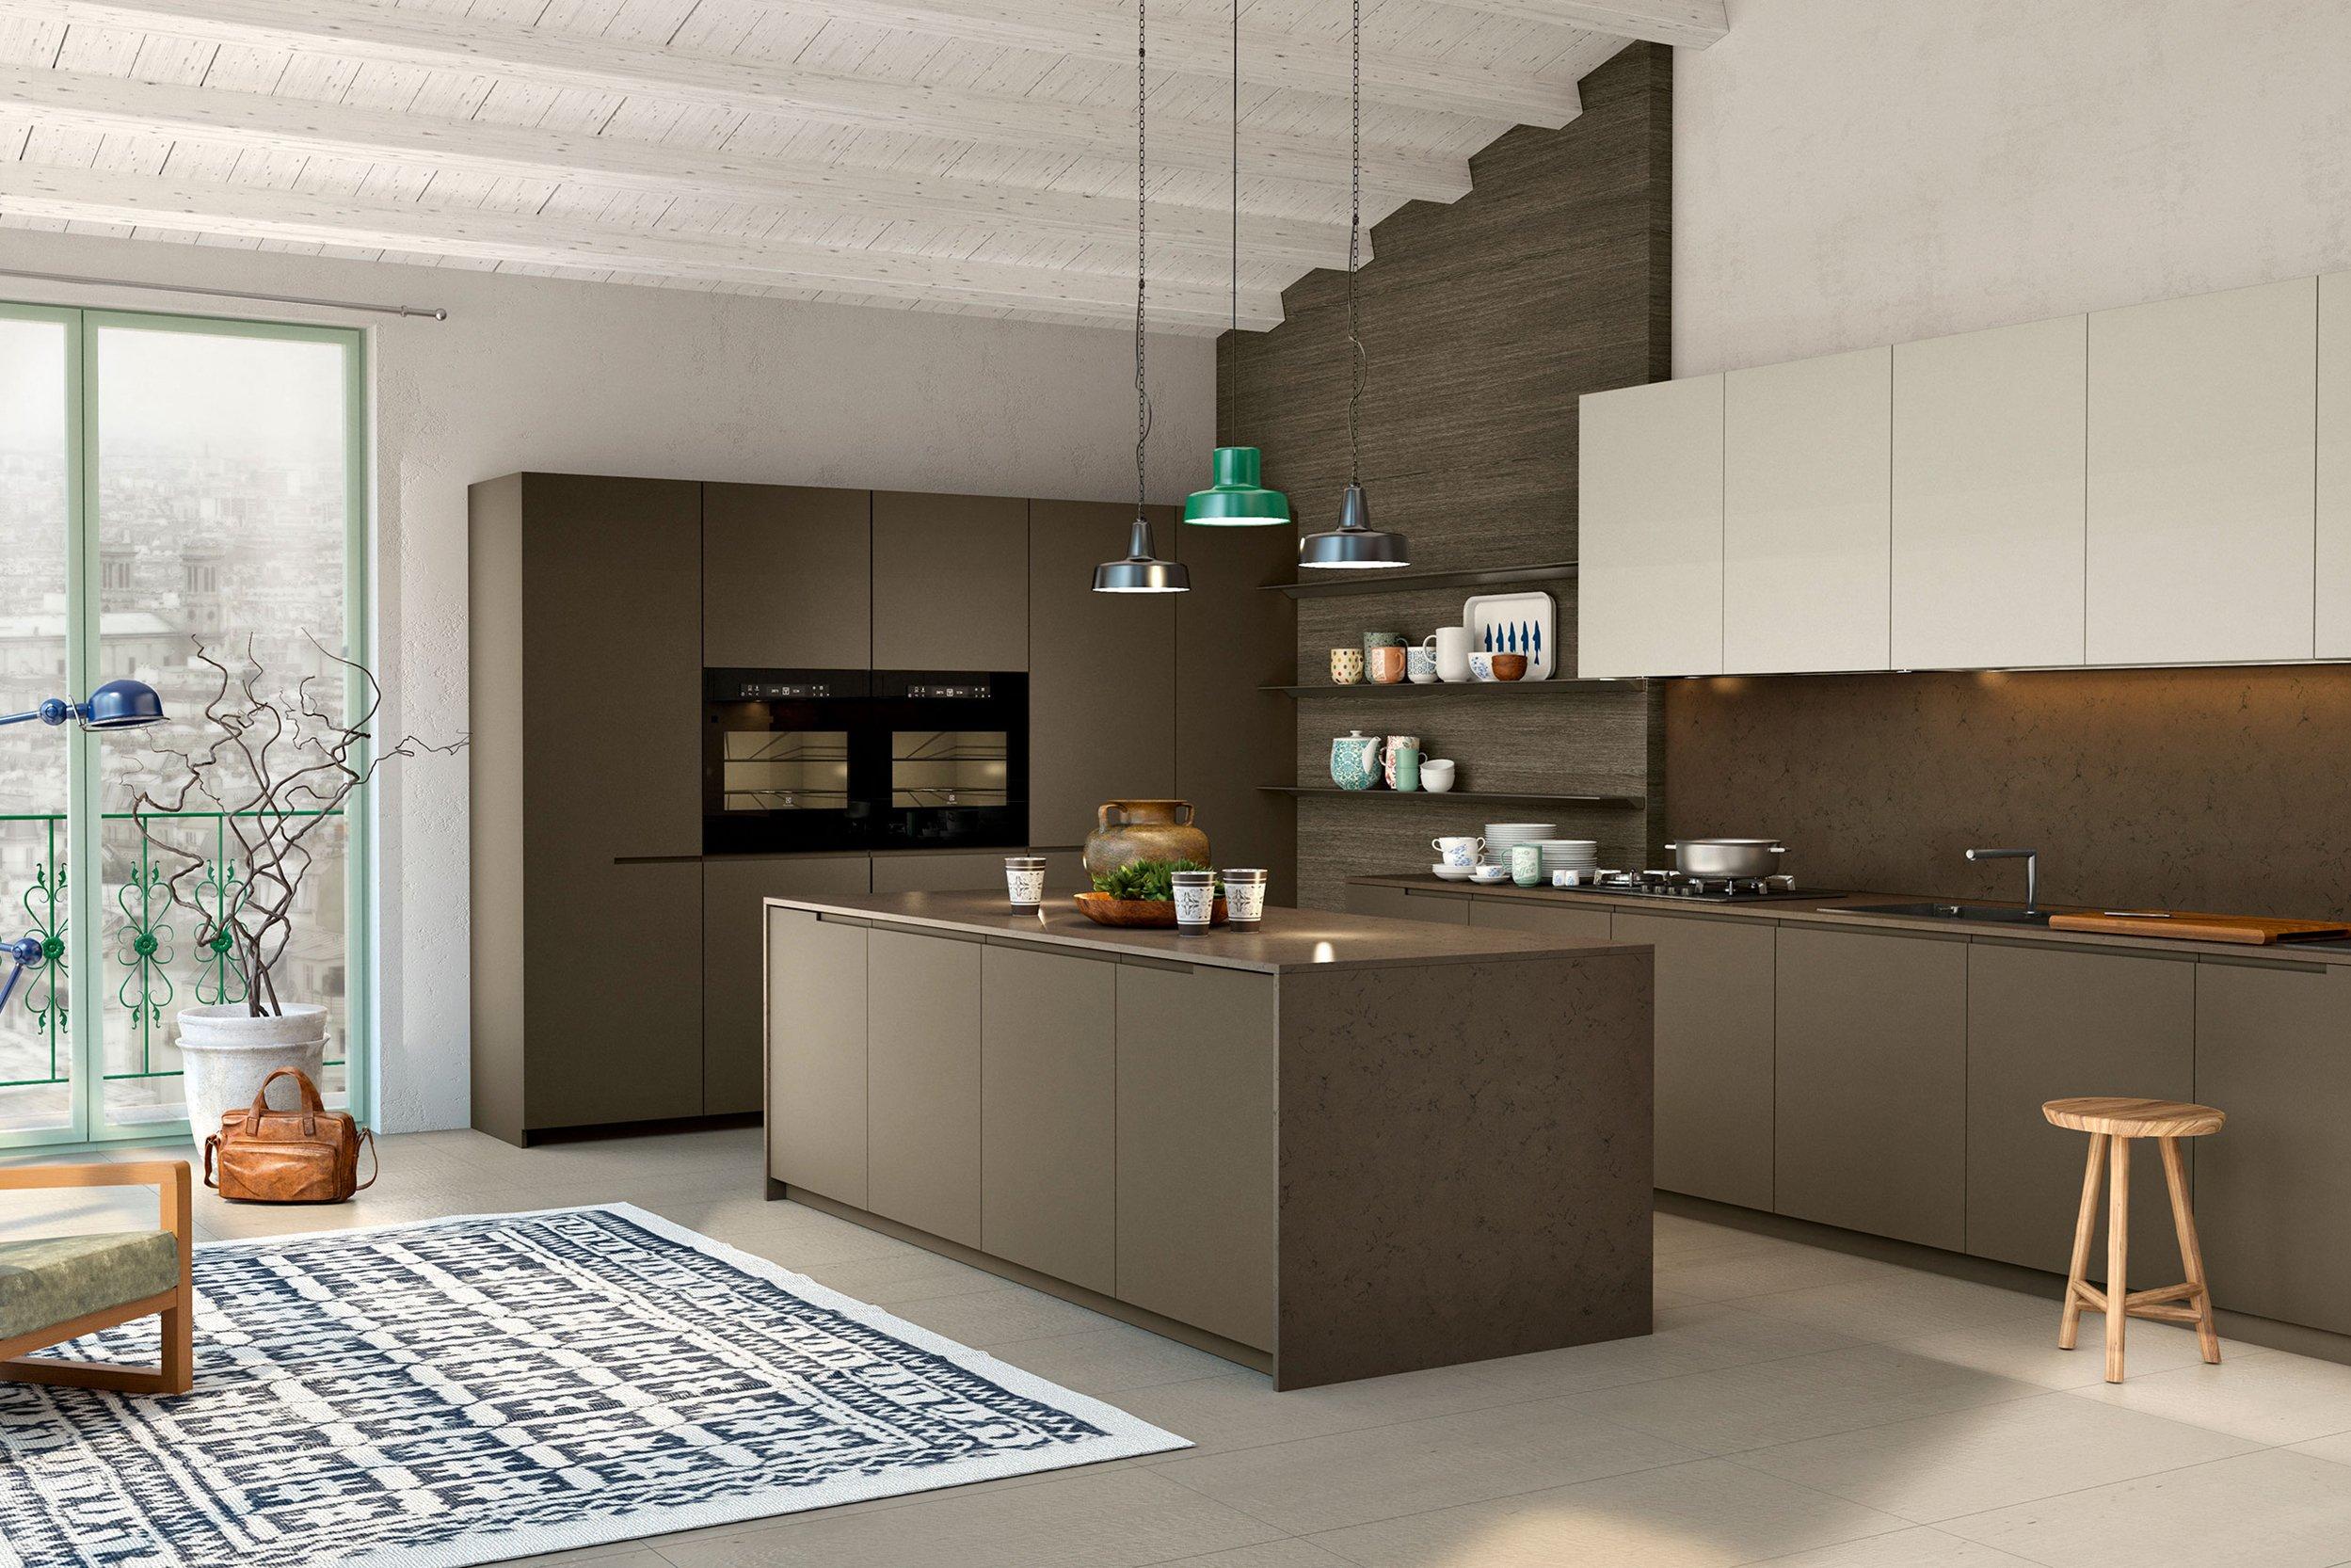 La cucina moderna tra design e gourmet - Casalino Arredamenti